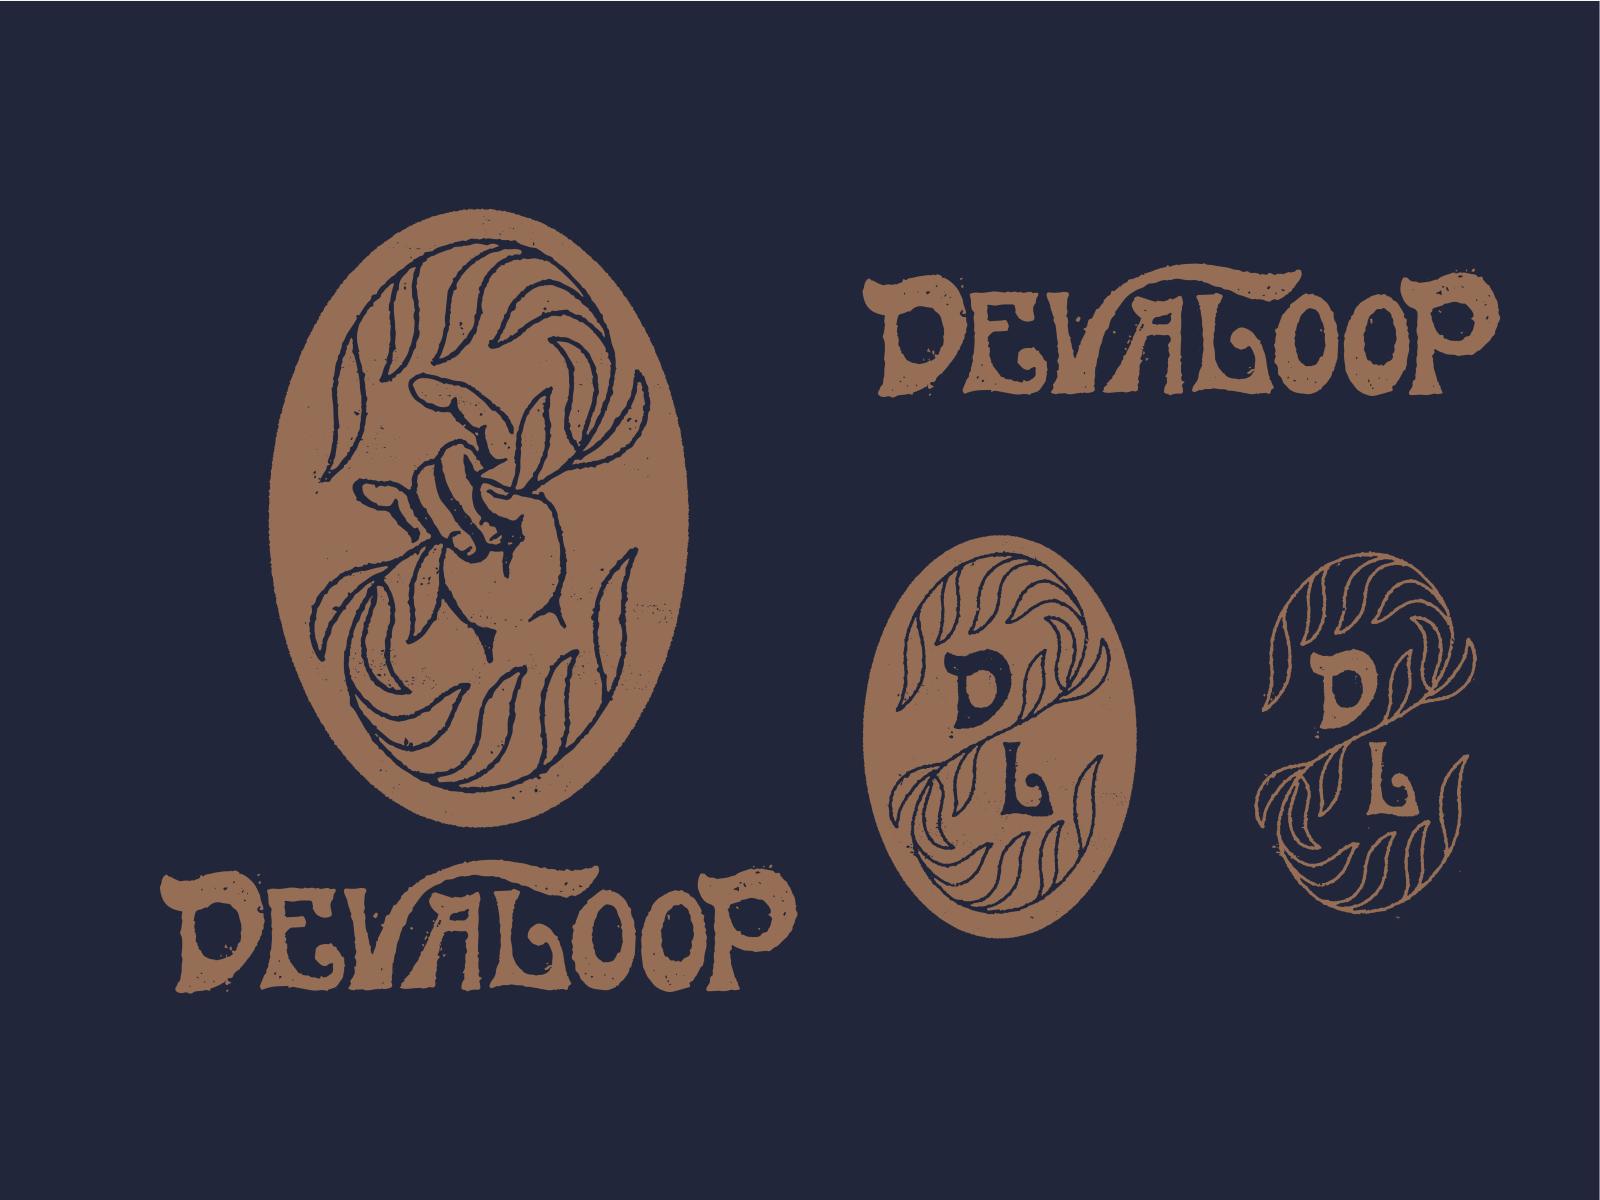 Devaloop